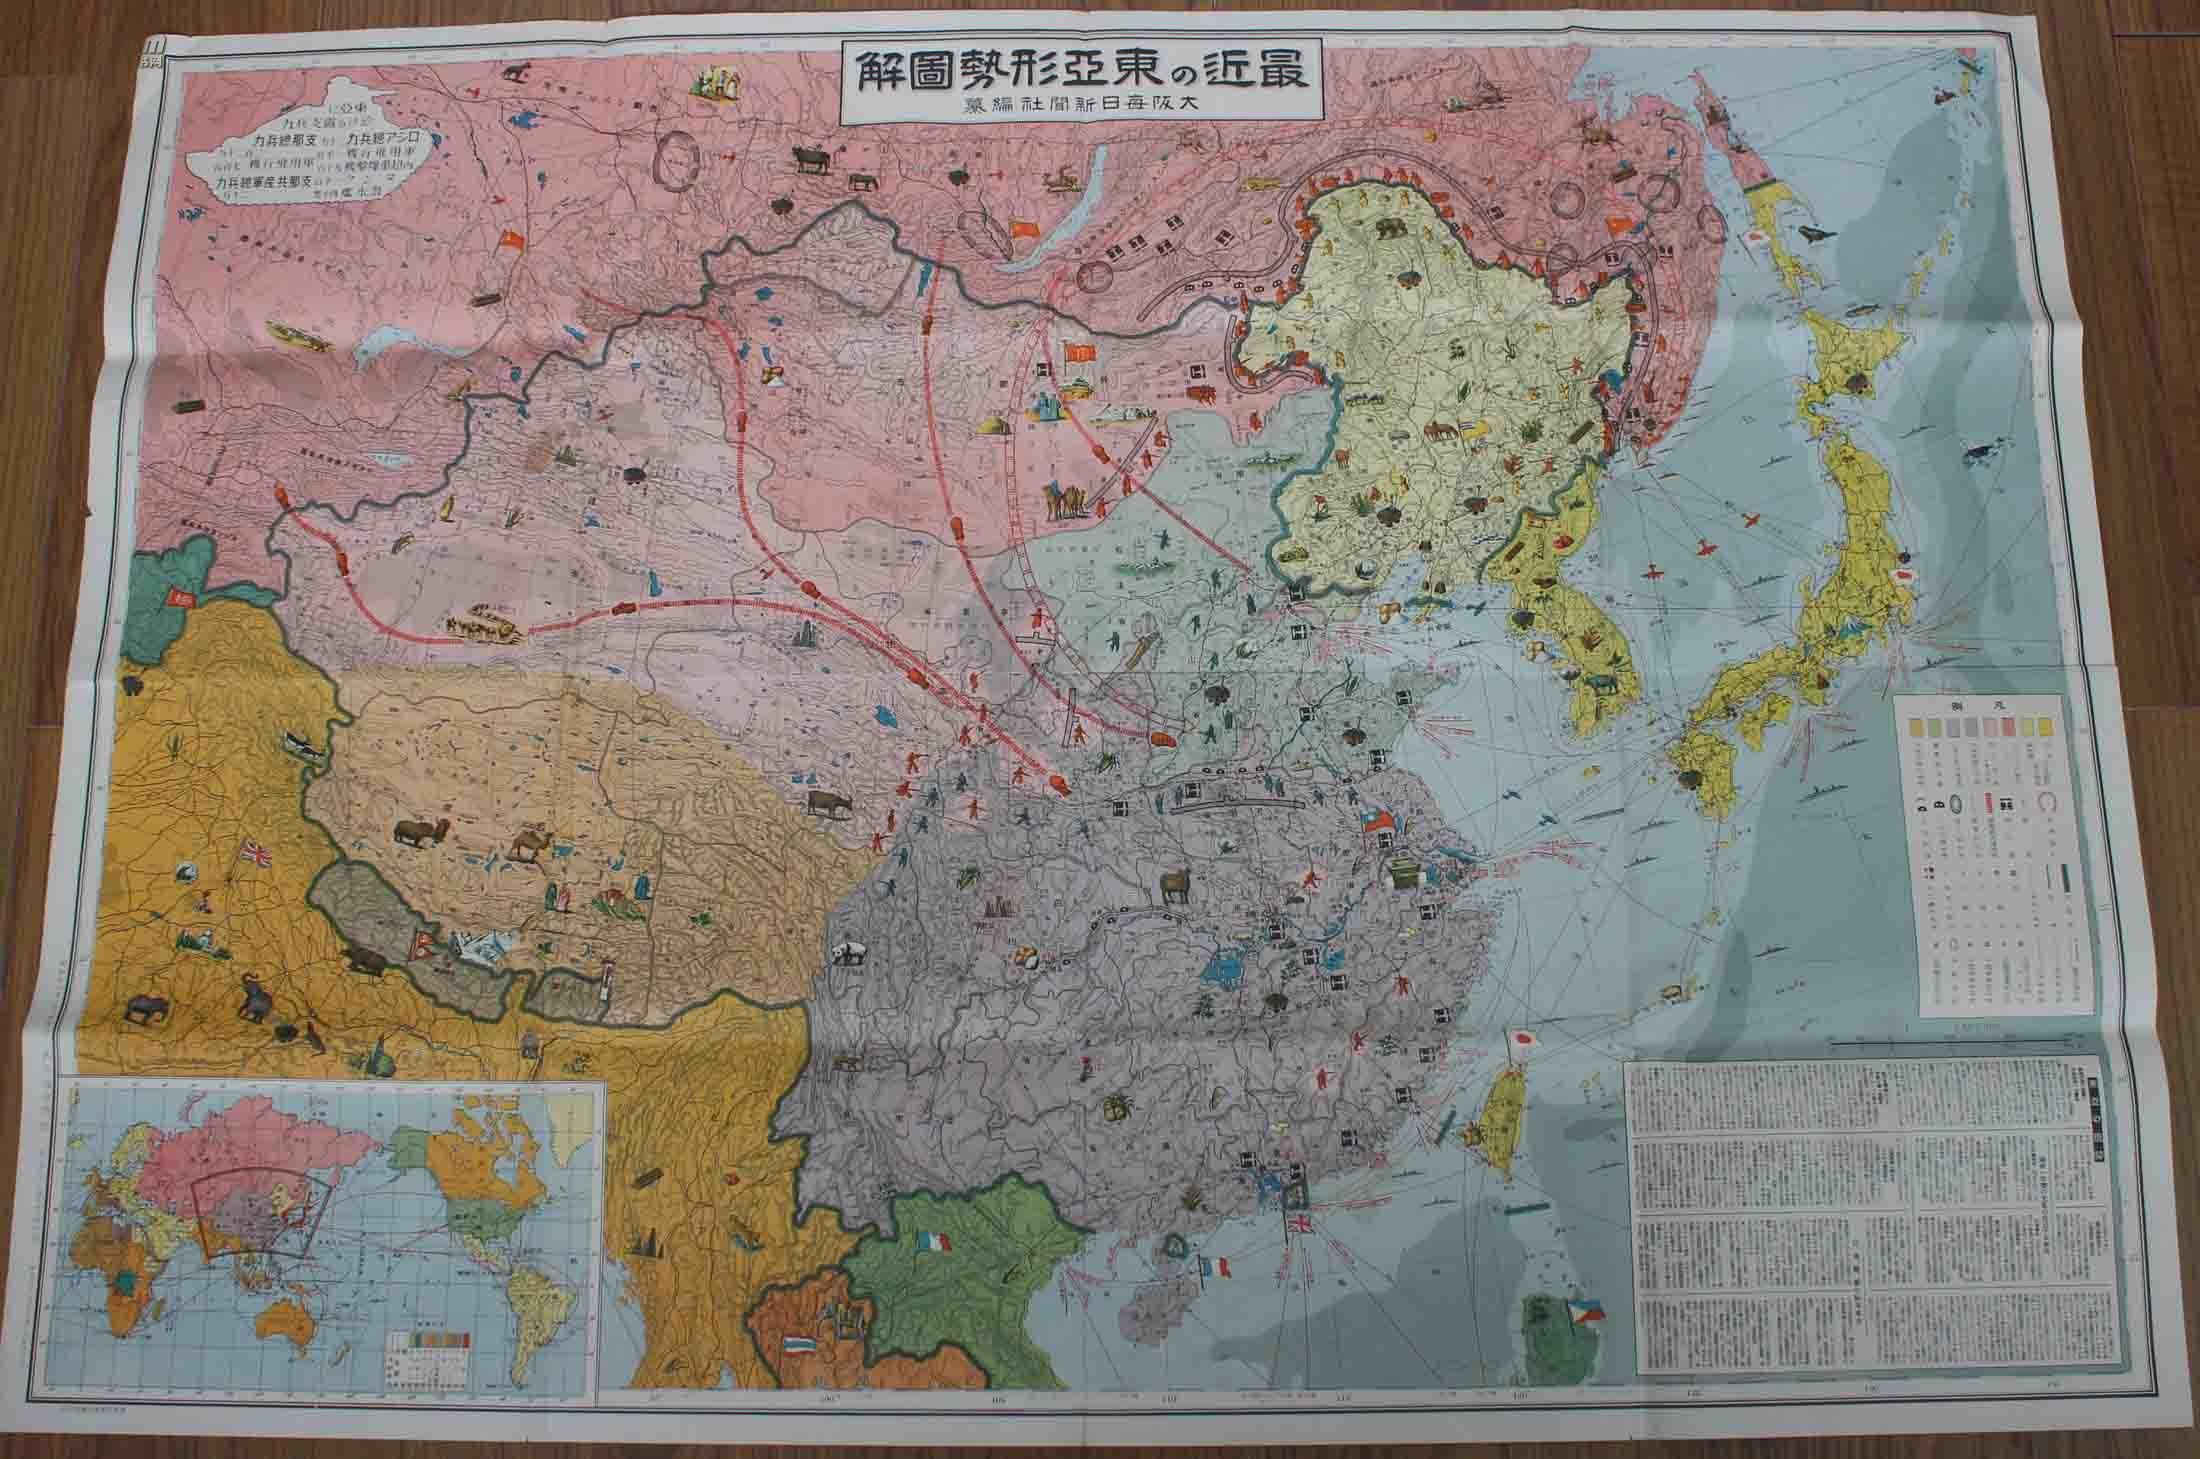 共产国际通道地图